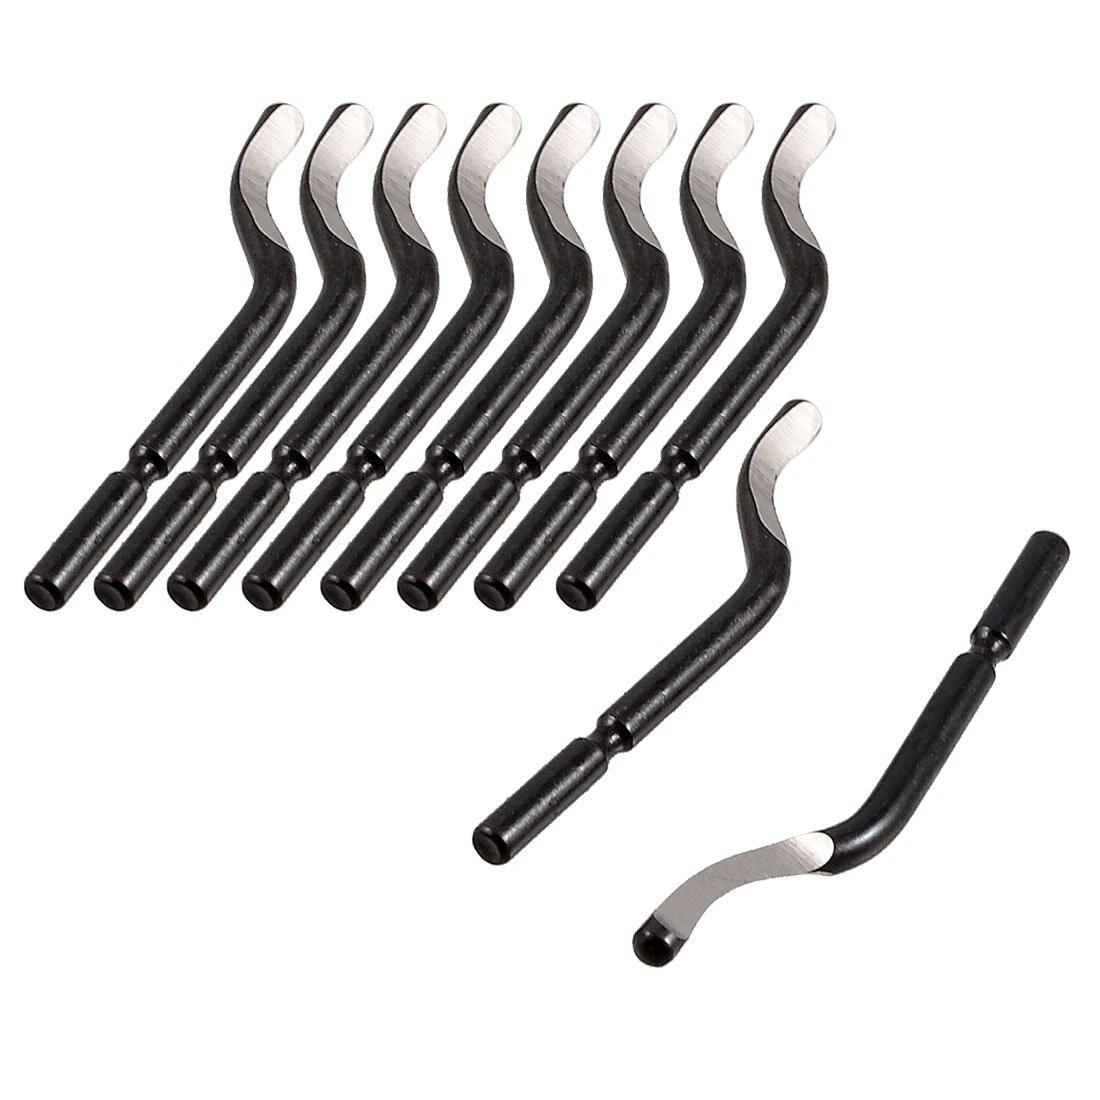 Repair Part Deburred Tool BS1010 S10 Deburring Blades 10 Pcs